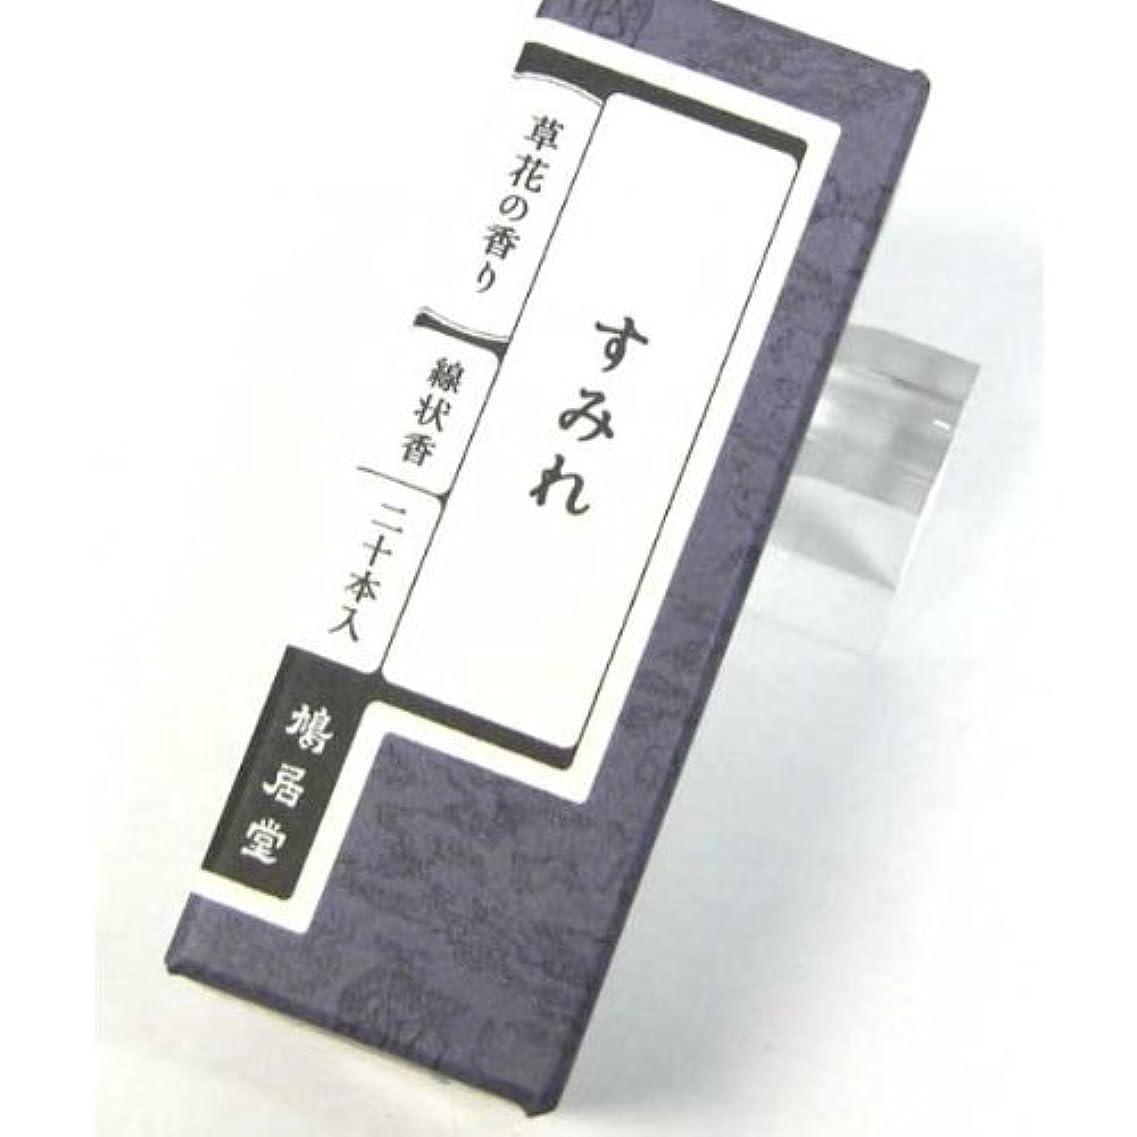 概要カウンターパート主観的鳩居堂 お香 すみれ/菫 草花の香りシリーズ スティックタイプ(棒状香)20本いり